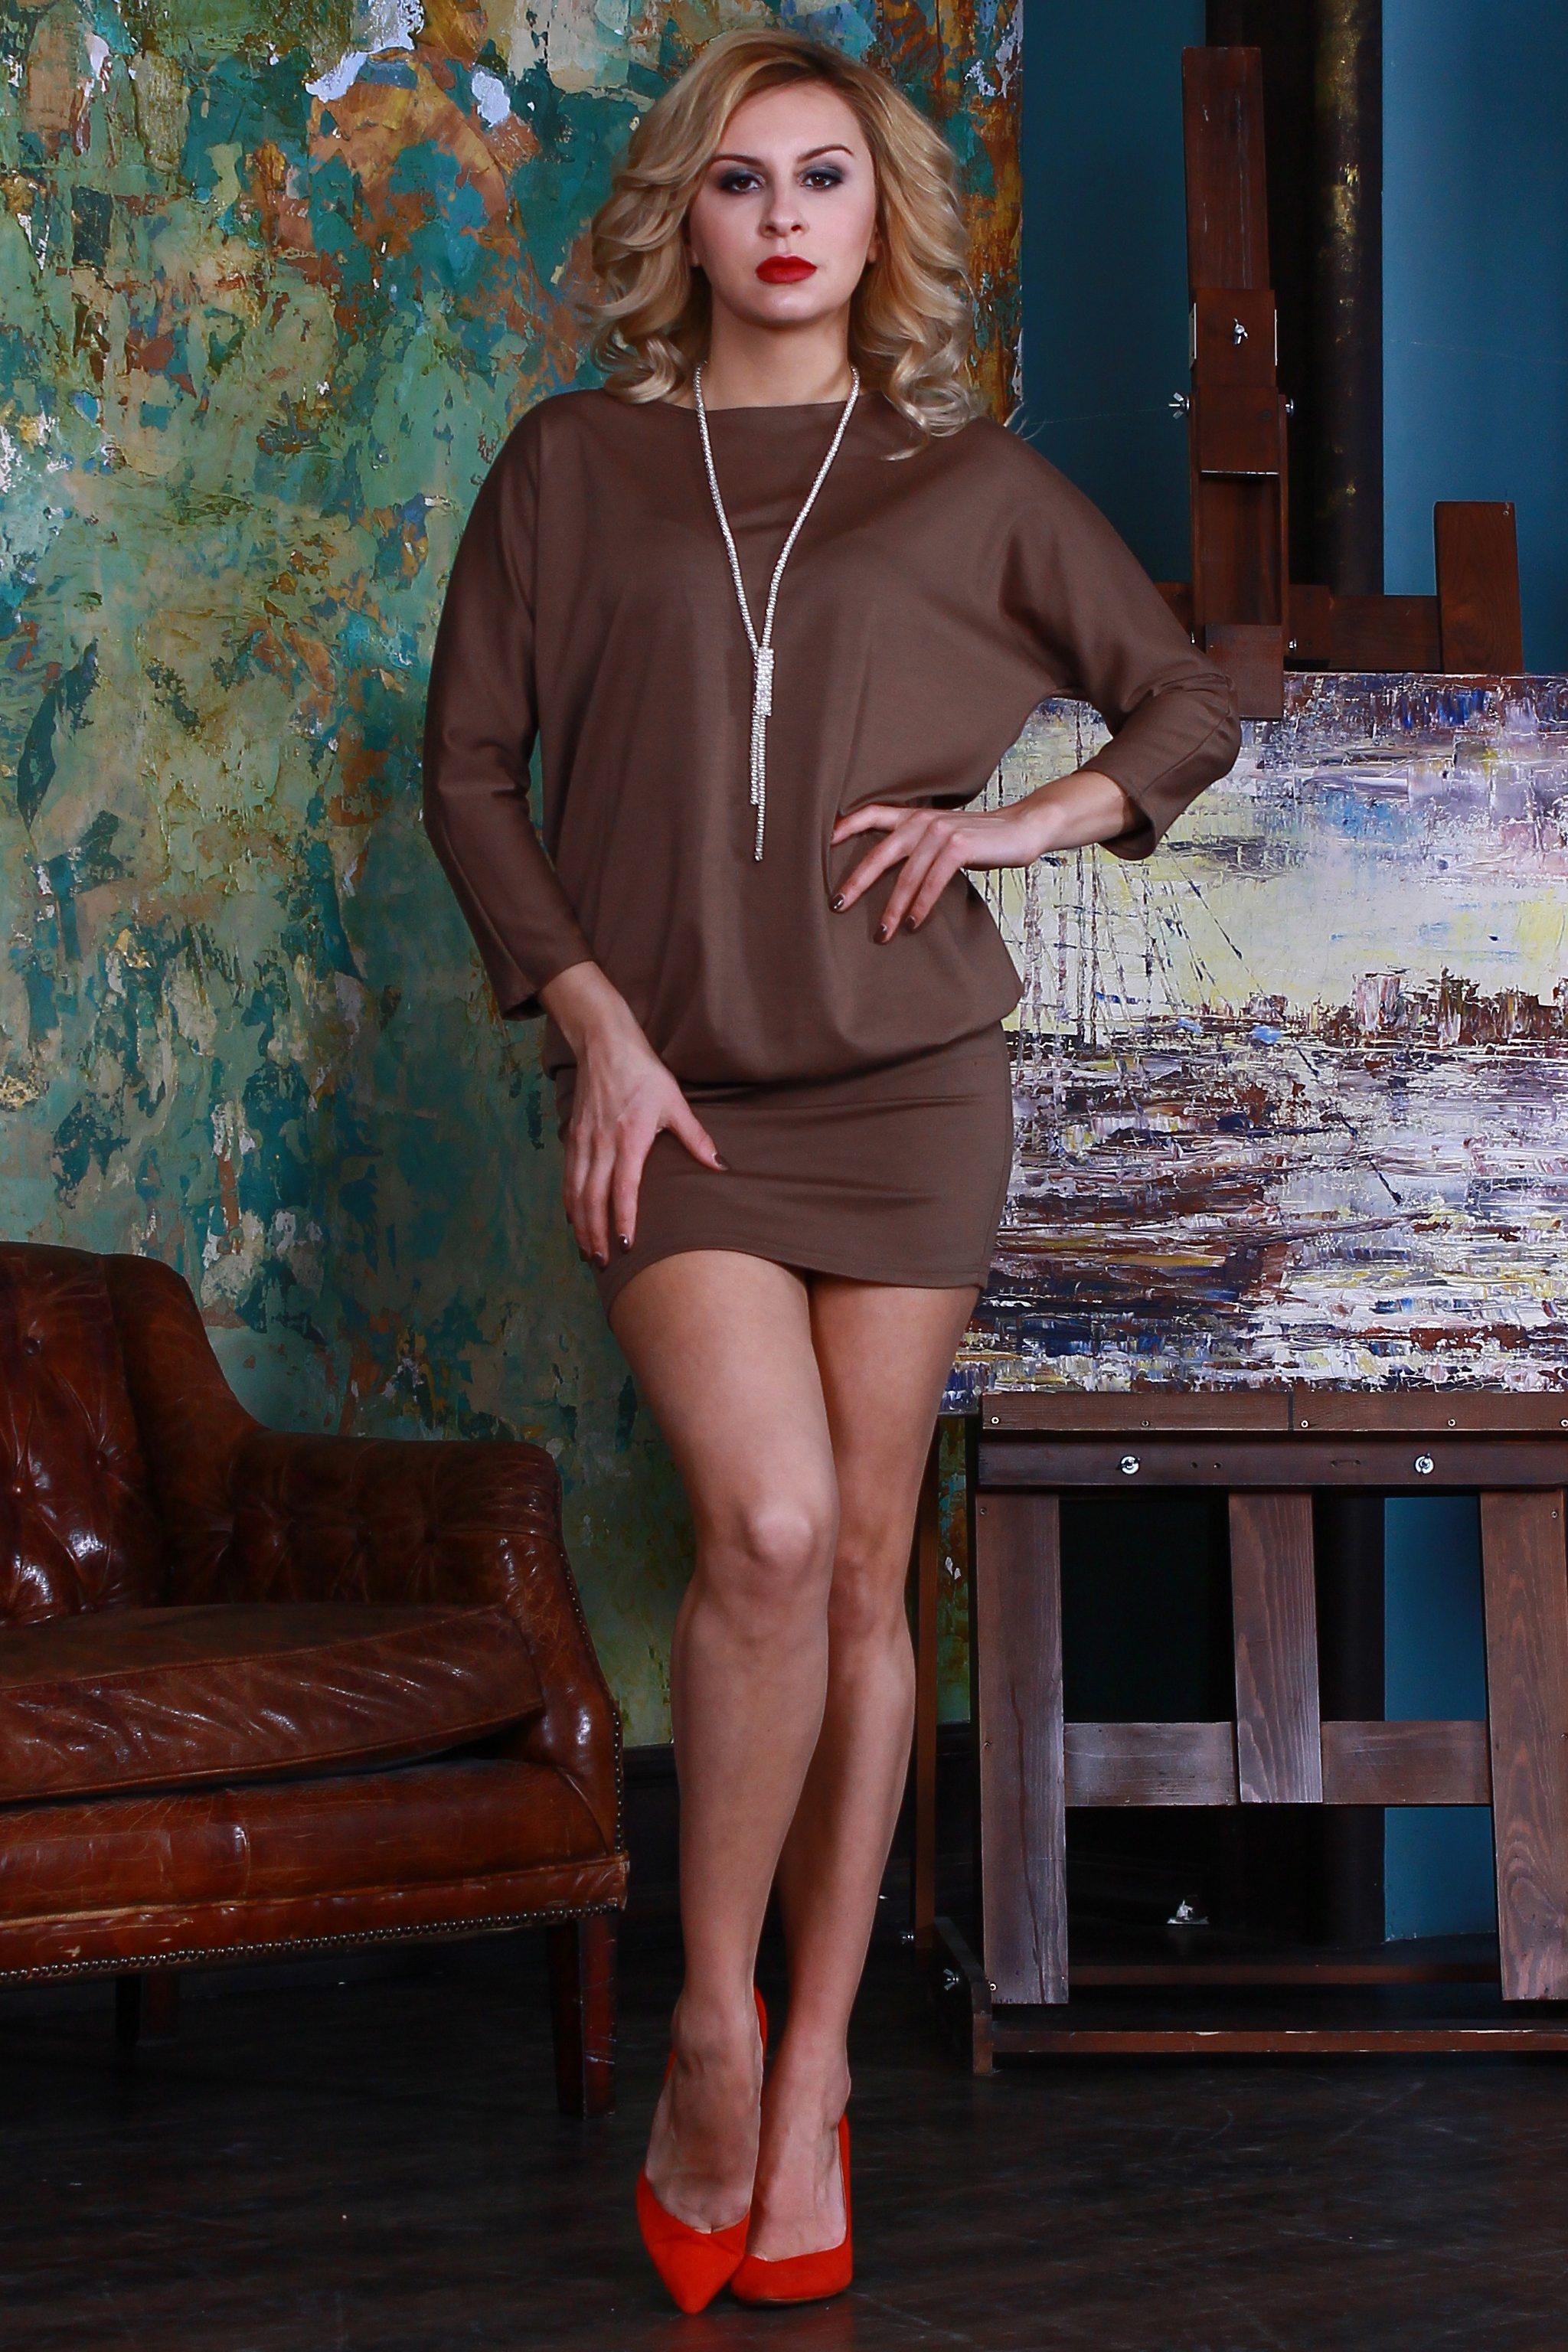 ПлатьеПлатья<br>Платье из плотного джерси. Верх платья свободного силуэта с цельнокроенными рукавами, нижняя часть (отрезная по линии бедер) плотно облегает фигуру.   Длина изделия от 94 см до 108 см, в зависимости от размера.  Цвет: коричневый  Рост девушки-фотомодели 175 см<br><br>Горловина: С- горловина<br>По длине: До колена<br>По материалу: Трикотаж<br>По рисунку: Однотонные<br>По силуэту: Полуприталенные<br>По стилю: Повседневный стиль<br>По форме: Платье - футляр<br>Рукав: Рукав три четверти<br>По сезону: Осень,Весна,Зима<br>Размер : 46<br>Материал: Джерси<br>Количество в наличии: 1